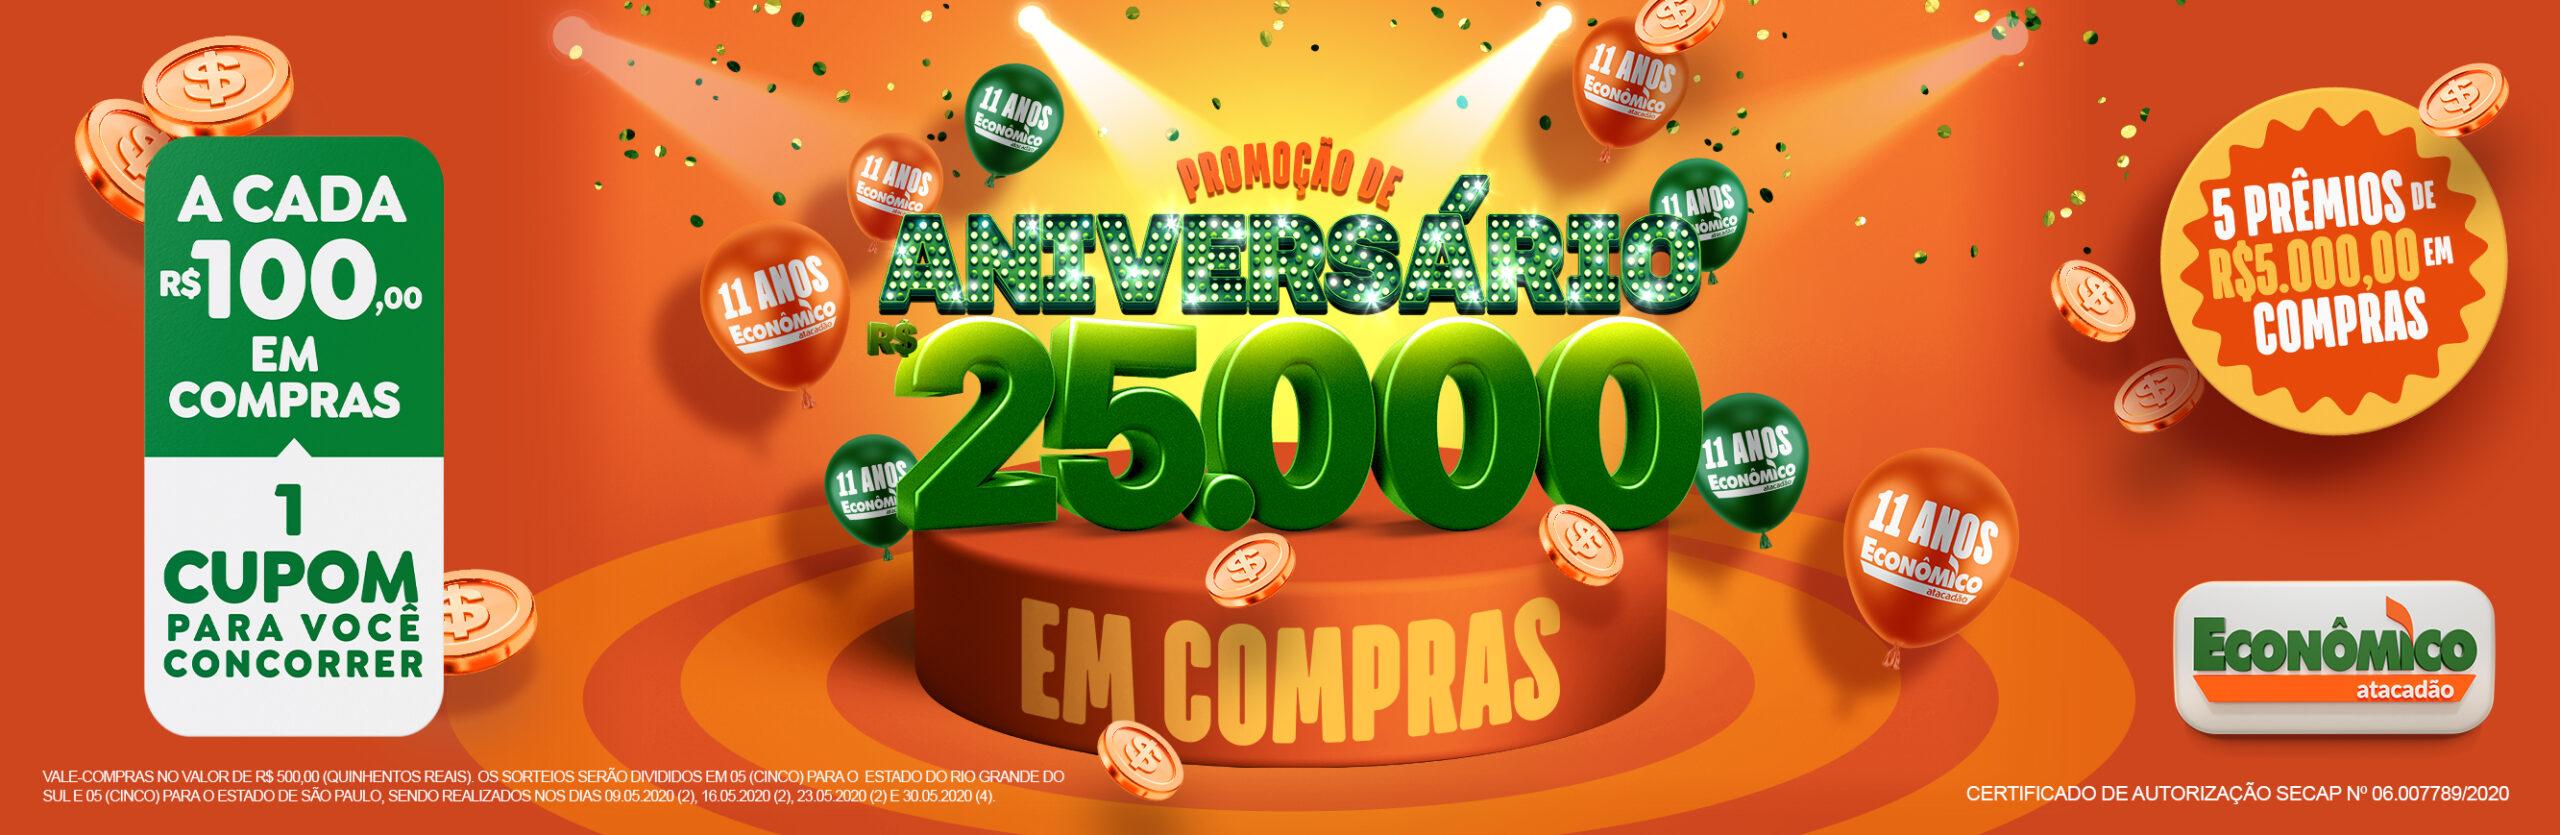 Aniversário Econômico Atacadão RS